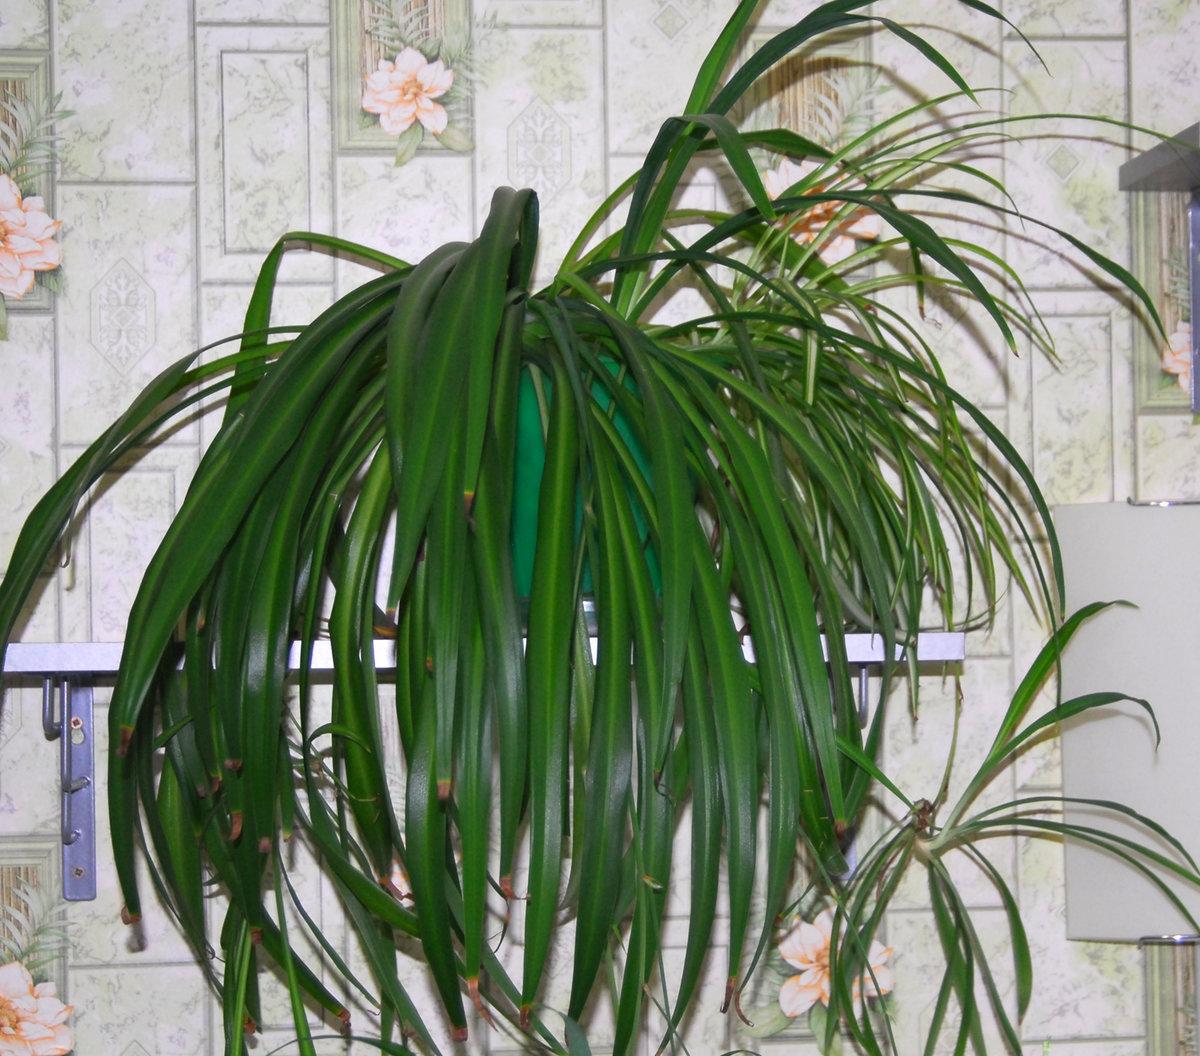 Комнатные растения большие, высокие; напольные домашние цветы с листьями